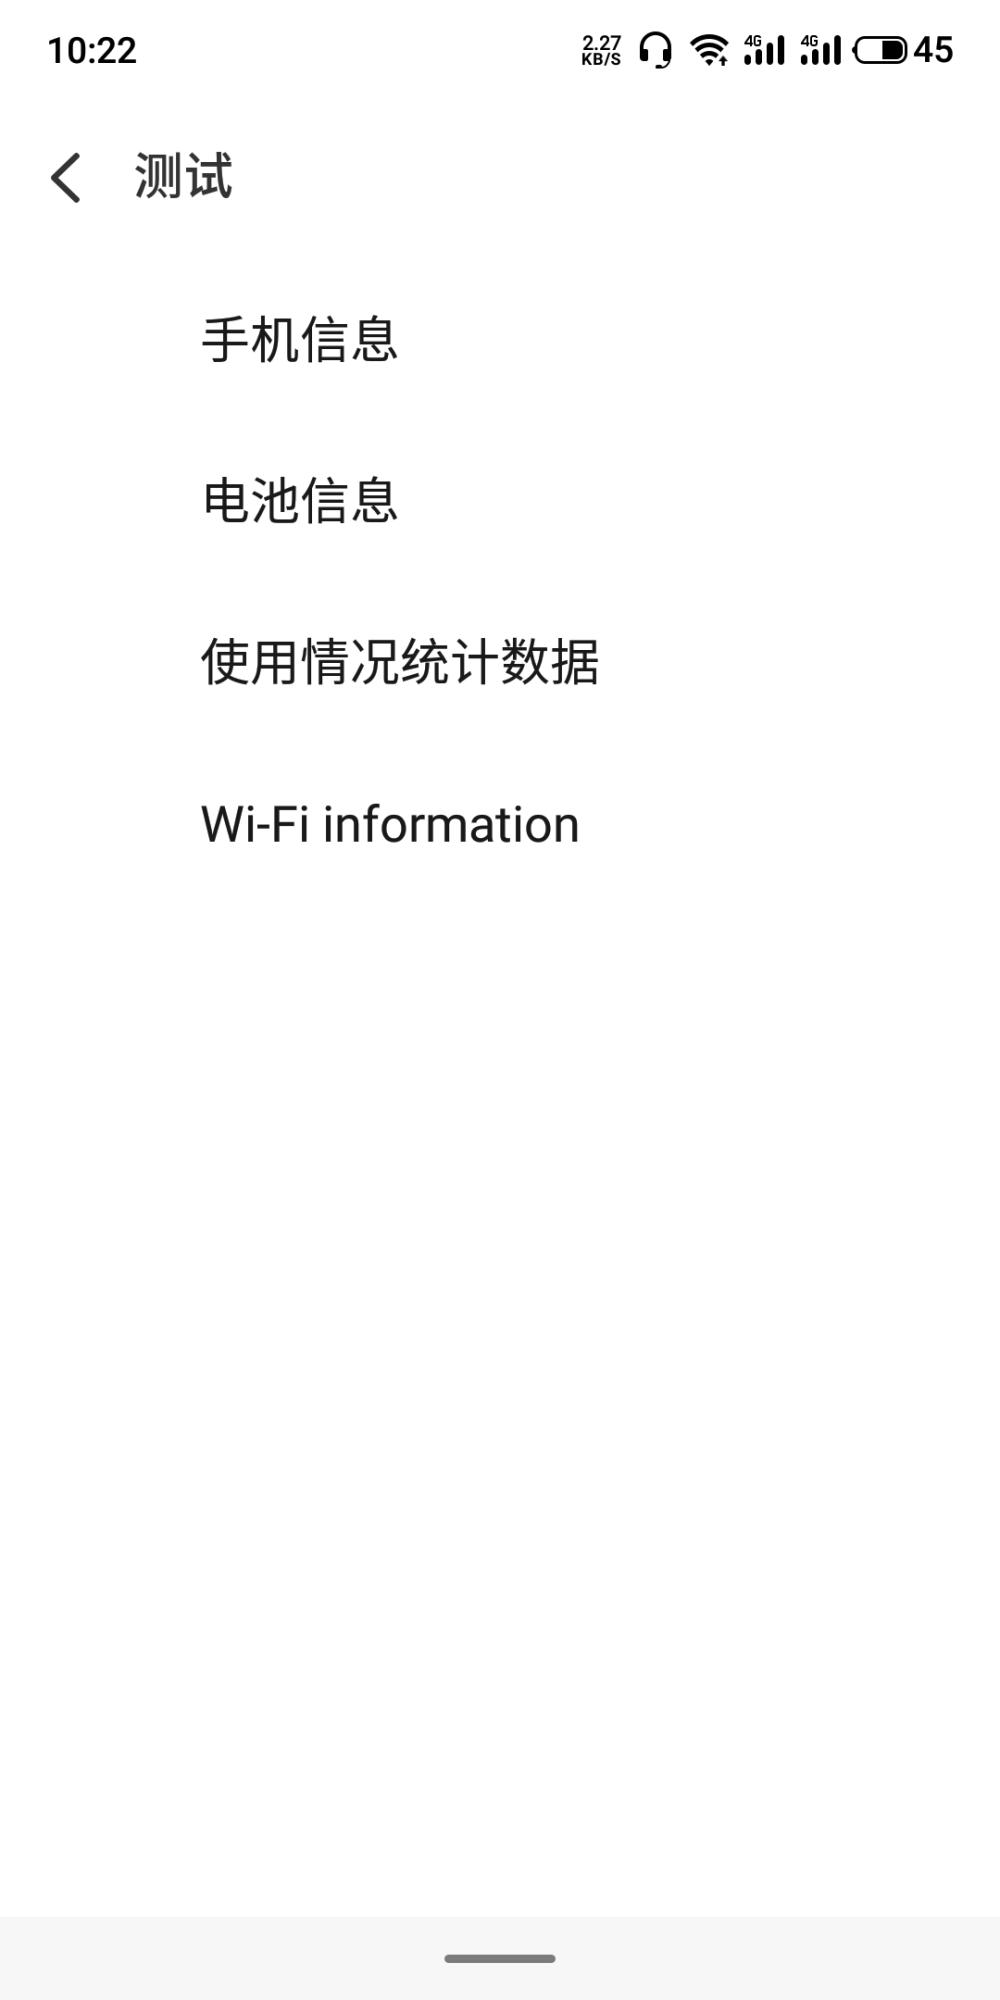 图片[1]-查看安卓手机的使用记录-飞享资源网